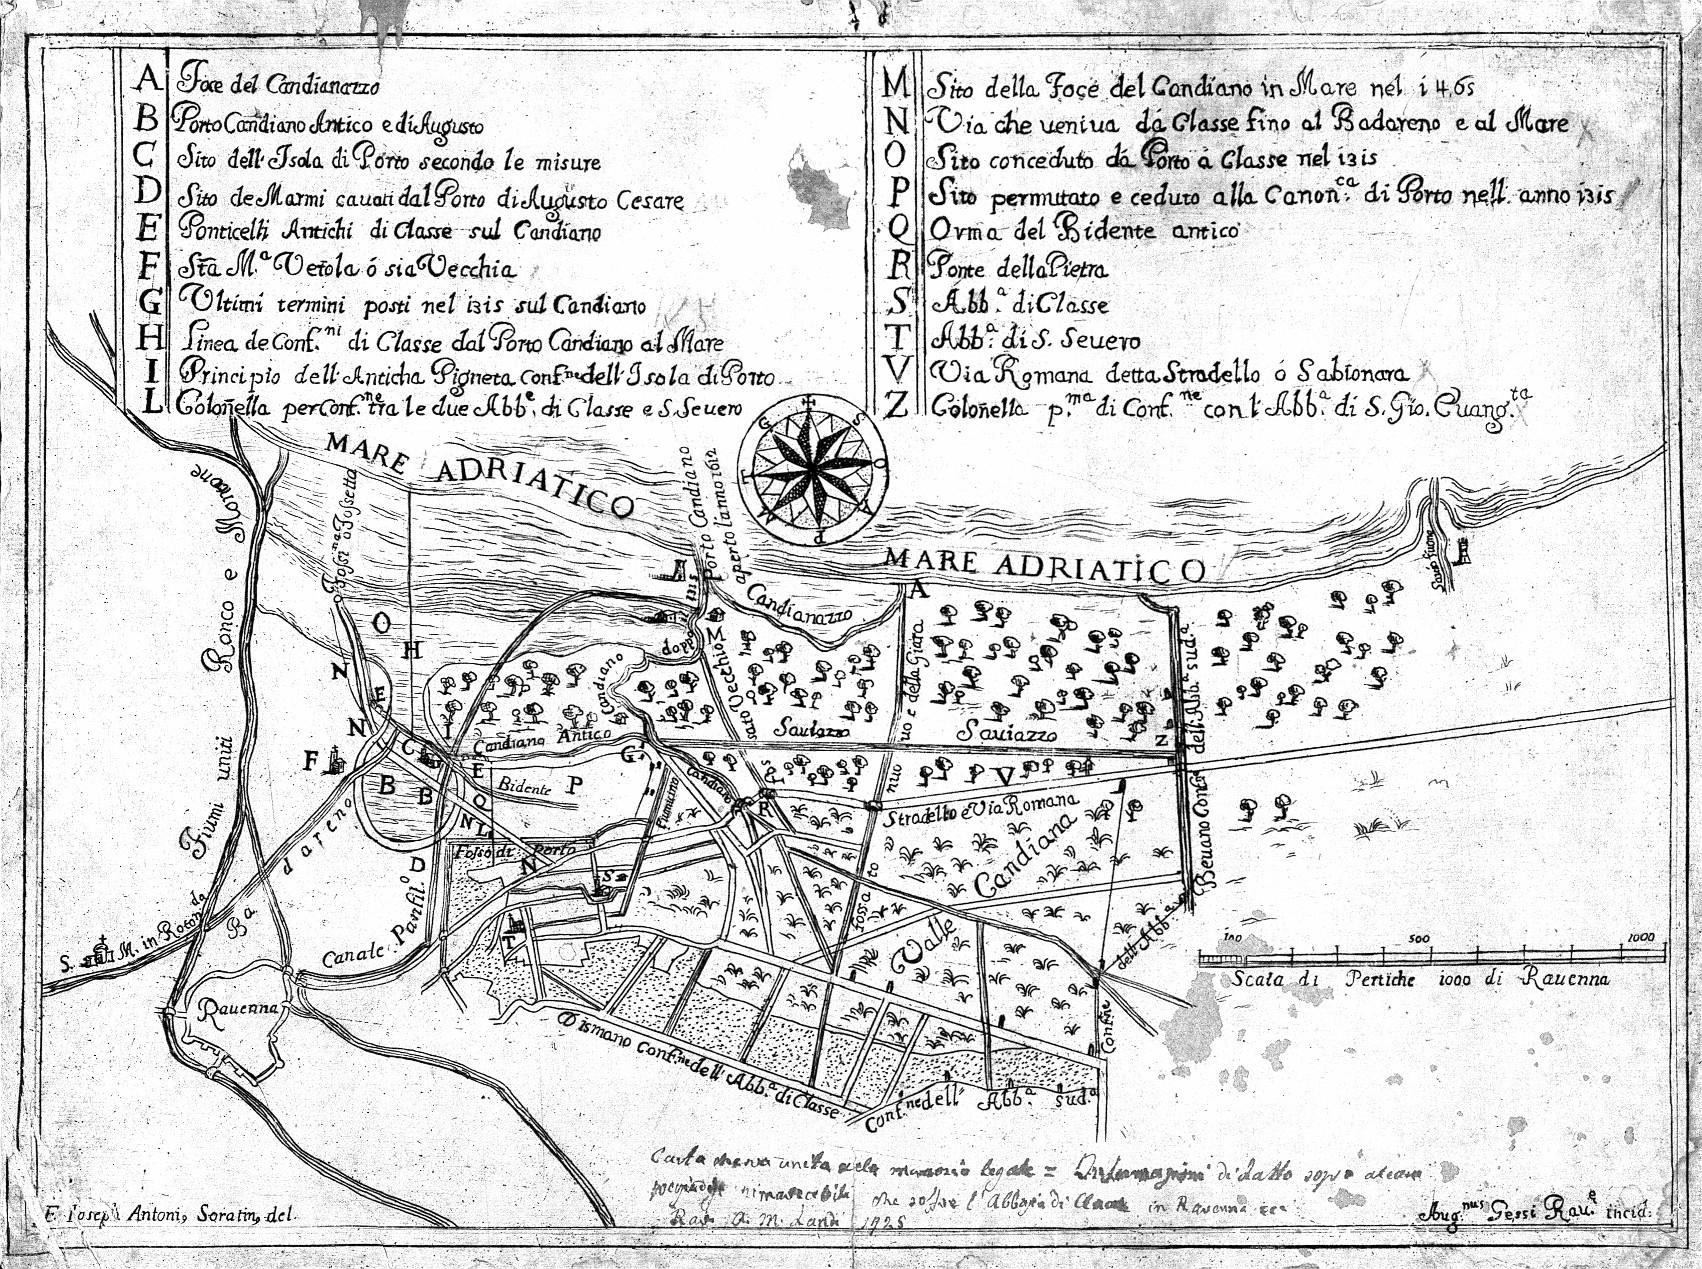 Carta dei beni del monastero di Classe autore:F. Ioseph Antoni Soratini data: 1725